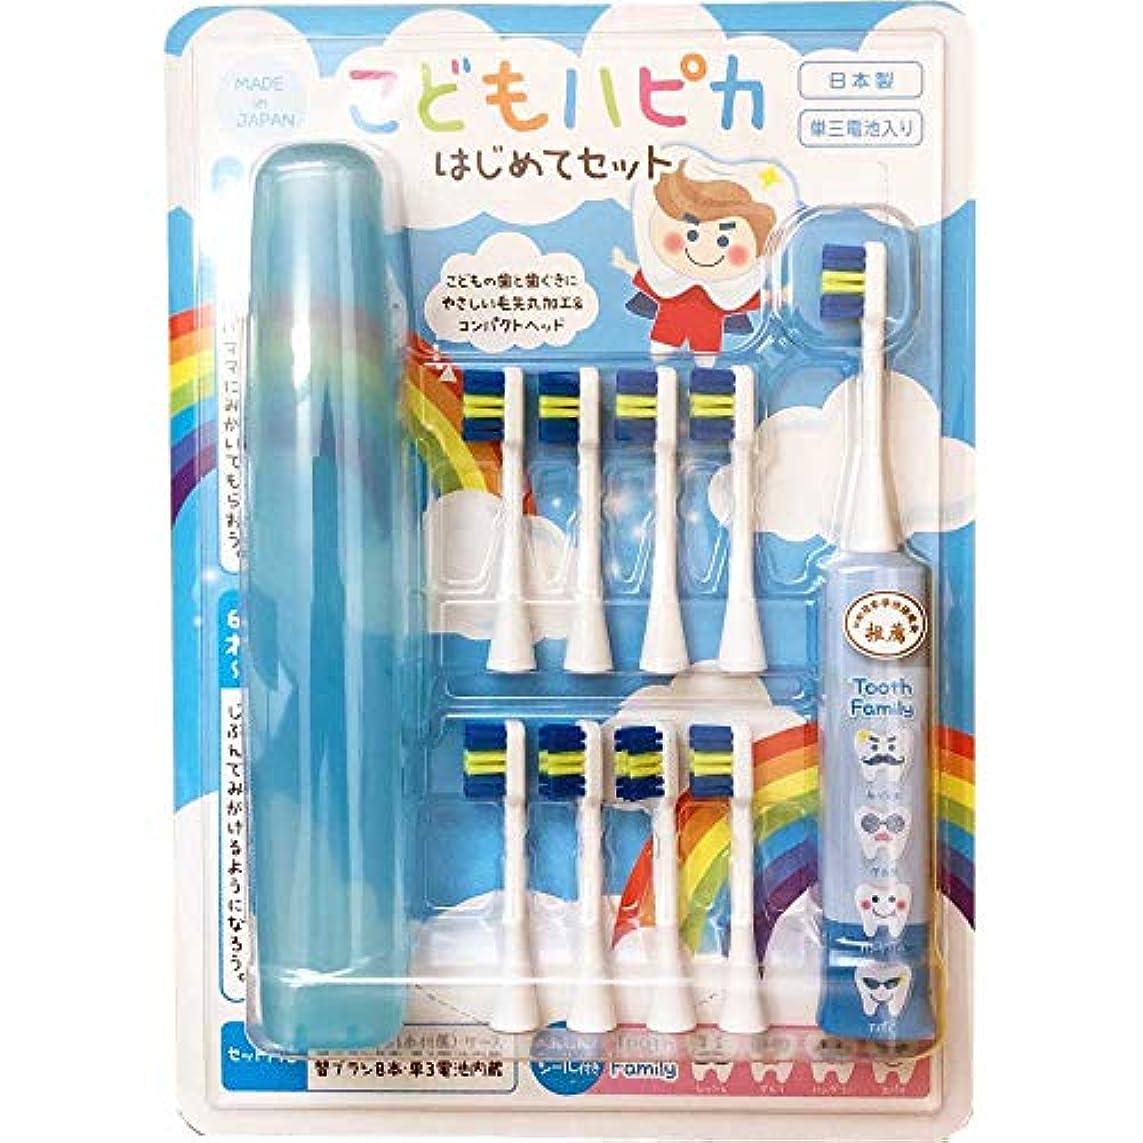 はぁ上下する課税ミニマム こどもハピカセット ブルー 子供用電動歯ブラシ